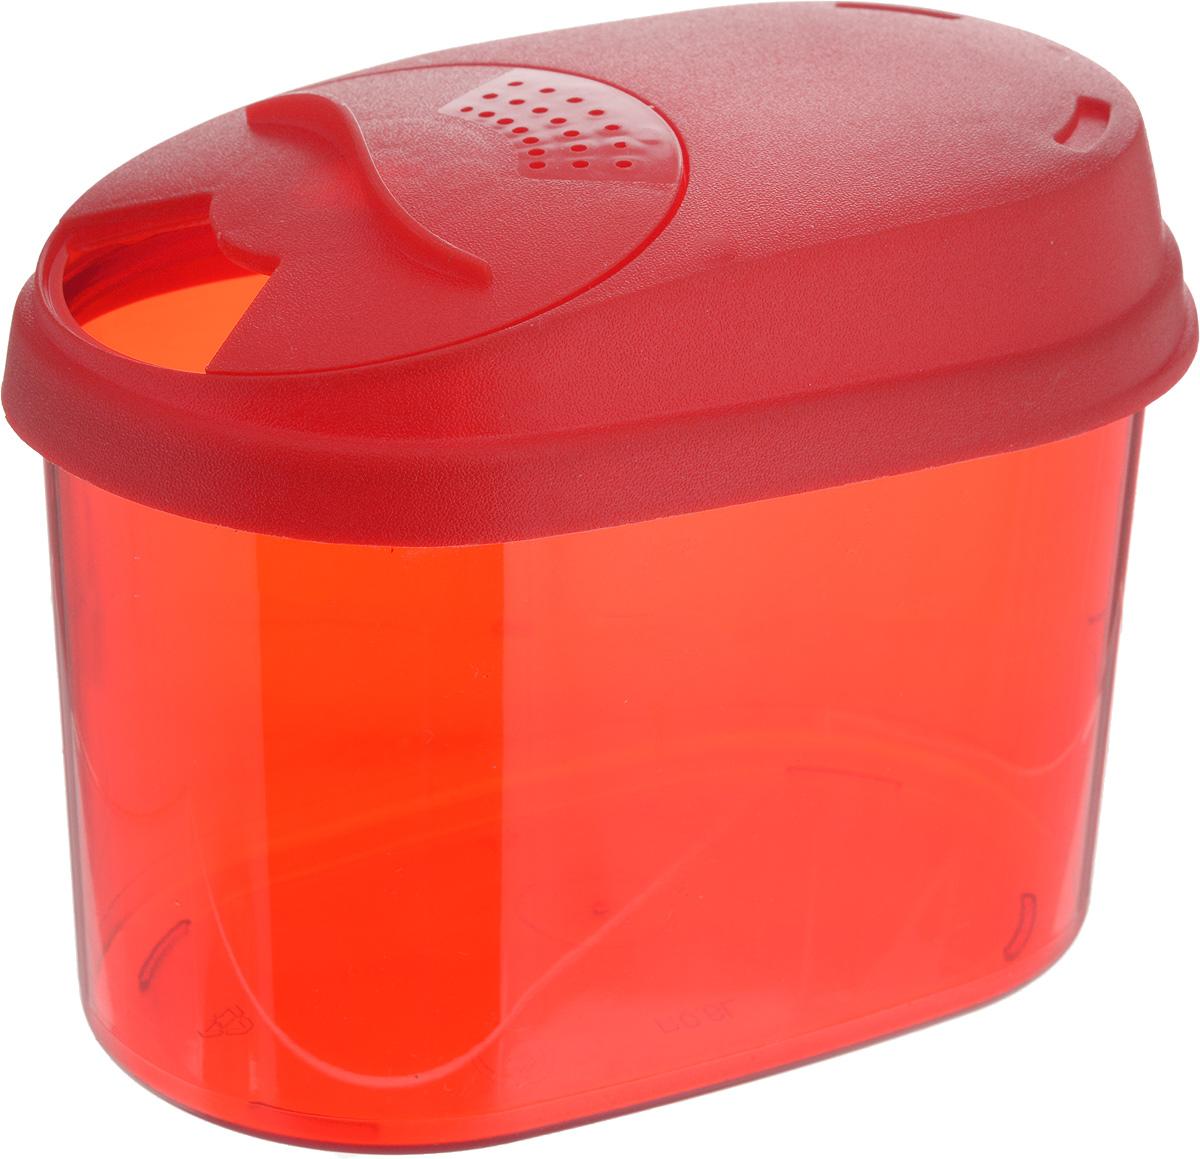 Банка для сыпучих продуктов Giaretti, с дозатором, цвет: красный, 0,8 л26148Банка для сыпучих продуктов Giaretti выполнена из высококачественного пластика. Банка предназначена для хранения круп, сахара, макаронных изделий и в том числе для продуктов с ярким ароматом (специи и прочее). Плотно прилегающая крышка не пропускает запахи содержимого в шкаф для хранения, при этом продукт не теряет своего аромата. Двойной дозатор предназначен для мелких и крупных сыпучих продуктов.Можно мыть в посудомоечной машине. Объем: 0,8 л.Размер (по верхнему краю): 14,5 x 8,5 см.Высота (с учетом крышки): 11 см.